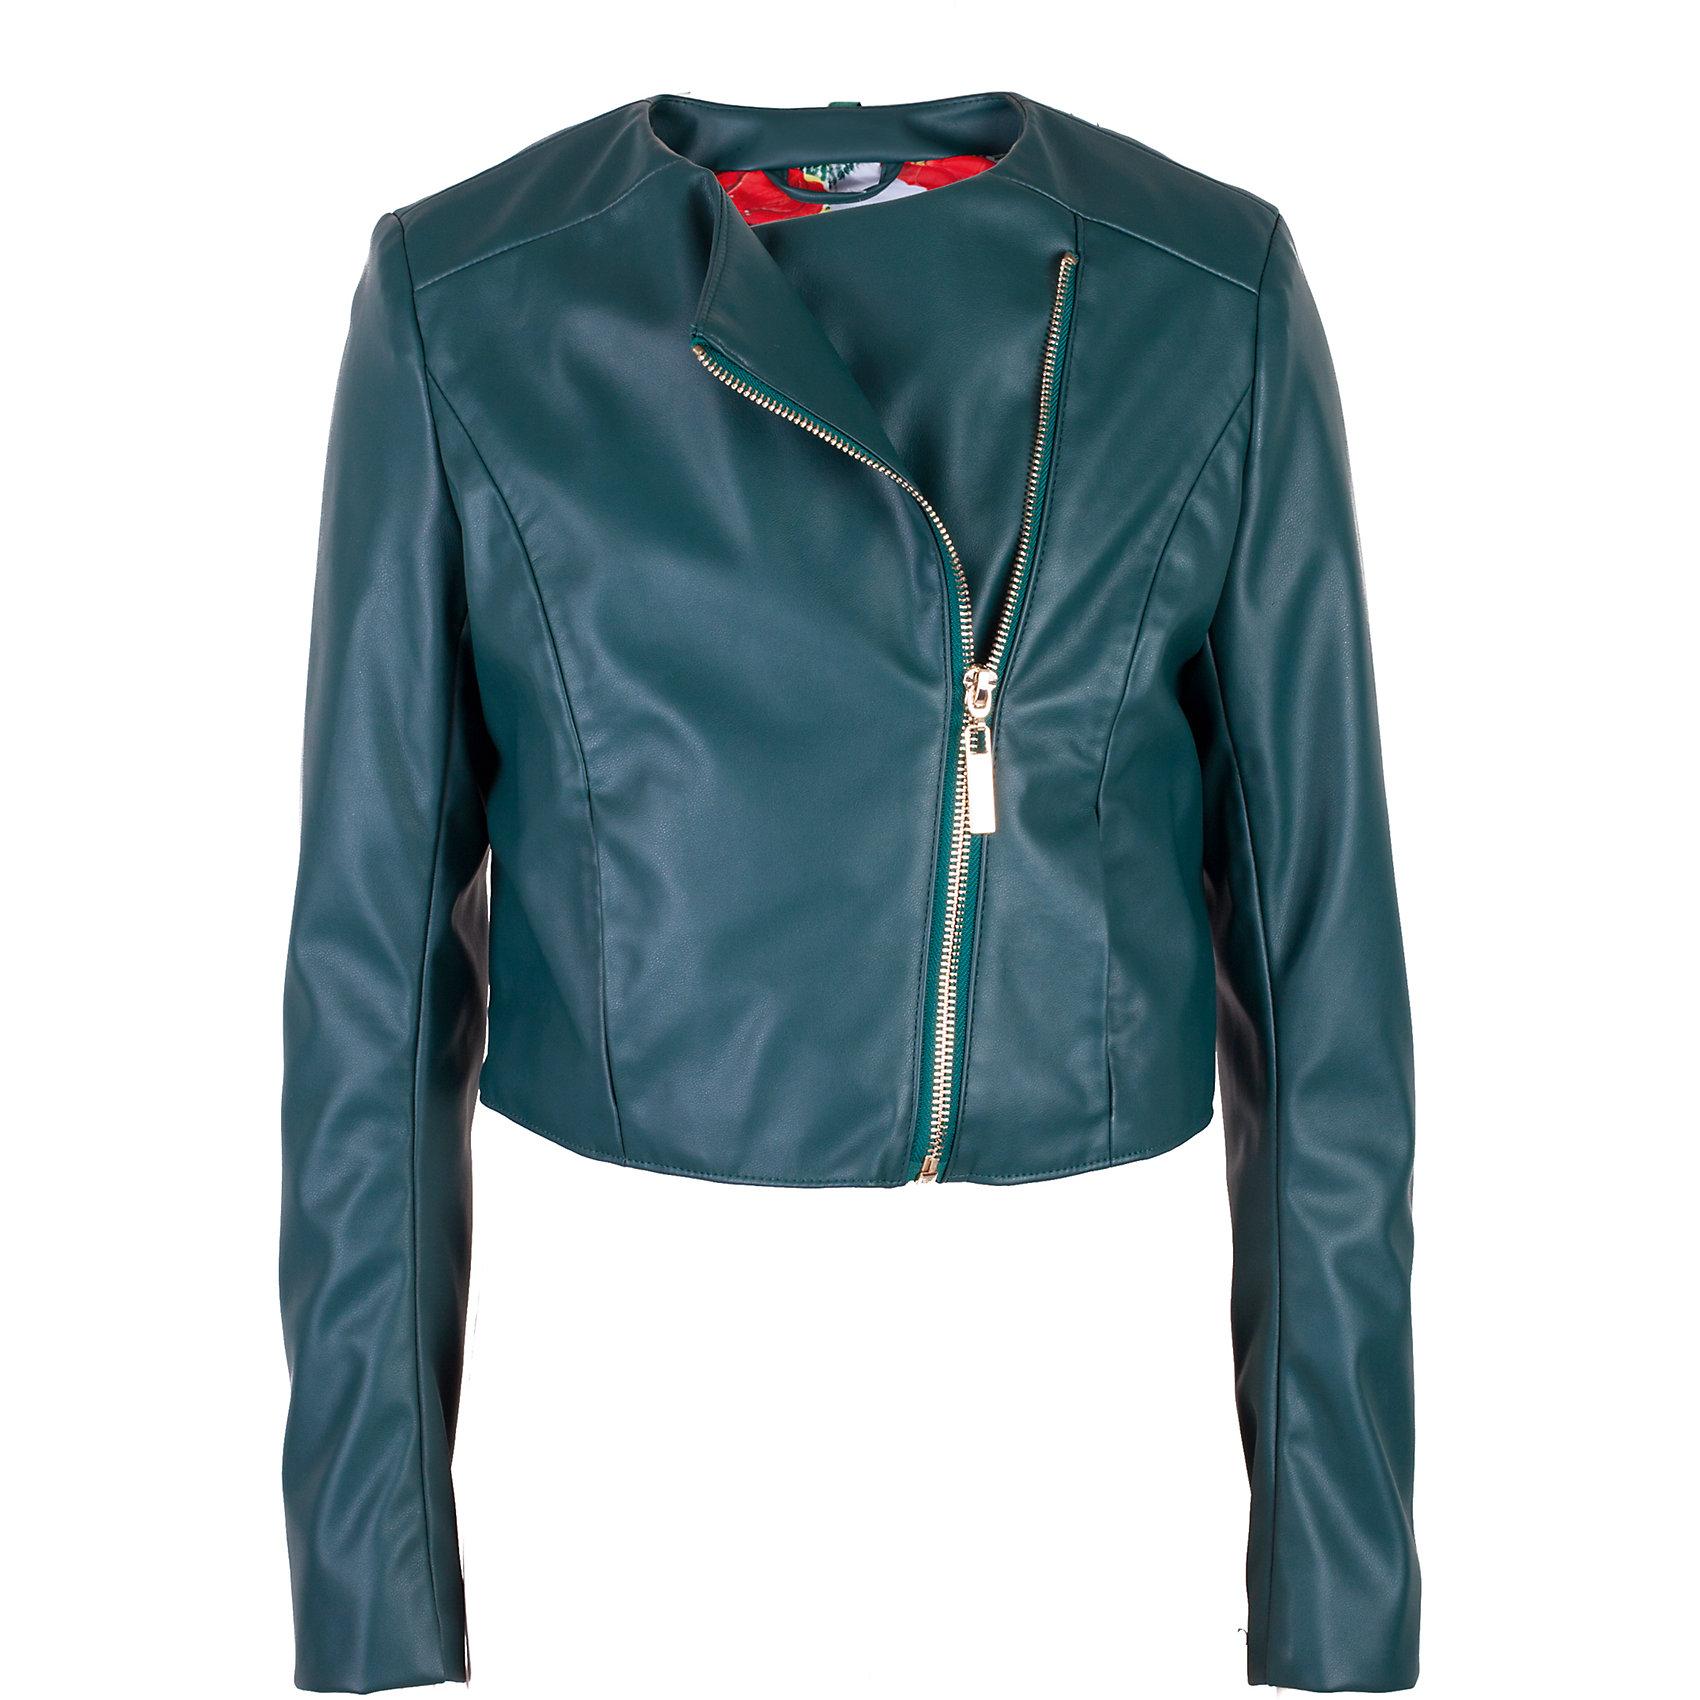 Ветровка для девочки GulliverВетровки и жакеты<br>Стильная куртка-косуха из эко-кожи для девочки - хит сезона Весна/Лето 2017! Она хороша в компании с джинсами, а также отлично выглядит в сочетании с брюками, юбкой, сарафаном.. Кожаная куртка в наше время - вещь универсальная. Темно-зеленая куртка-косуха идеально подойдет и для романтического, и для спортивного образа, придав им остроту и оригинальность. Купить модную куртку-косуху для девочки из коллекции Коста-Рика, значит, сделать ее образ эффектным, интересным, ярким.<br>Состав:<br>верх: 100% полиуретан; подкладка: 100% полиэстер<br><br>Ширина мм: 356<br>Глубина мм: 10<br>Высота мм: 245<br>Вес г: 519<br>Цвет: зеленый<br>Возраст от месяцев: 144<br>Возраст до месяцев: 156<br>Пол: Женский<br>Возраст: Детский<br>Размер: 158,164,146,152<br>SKU: 5483130